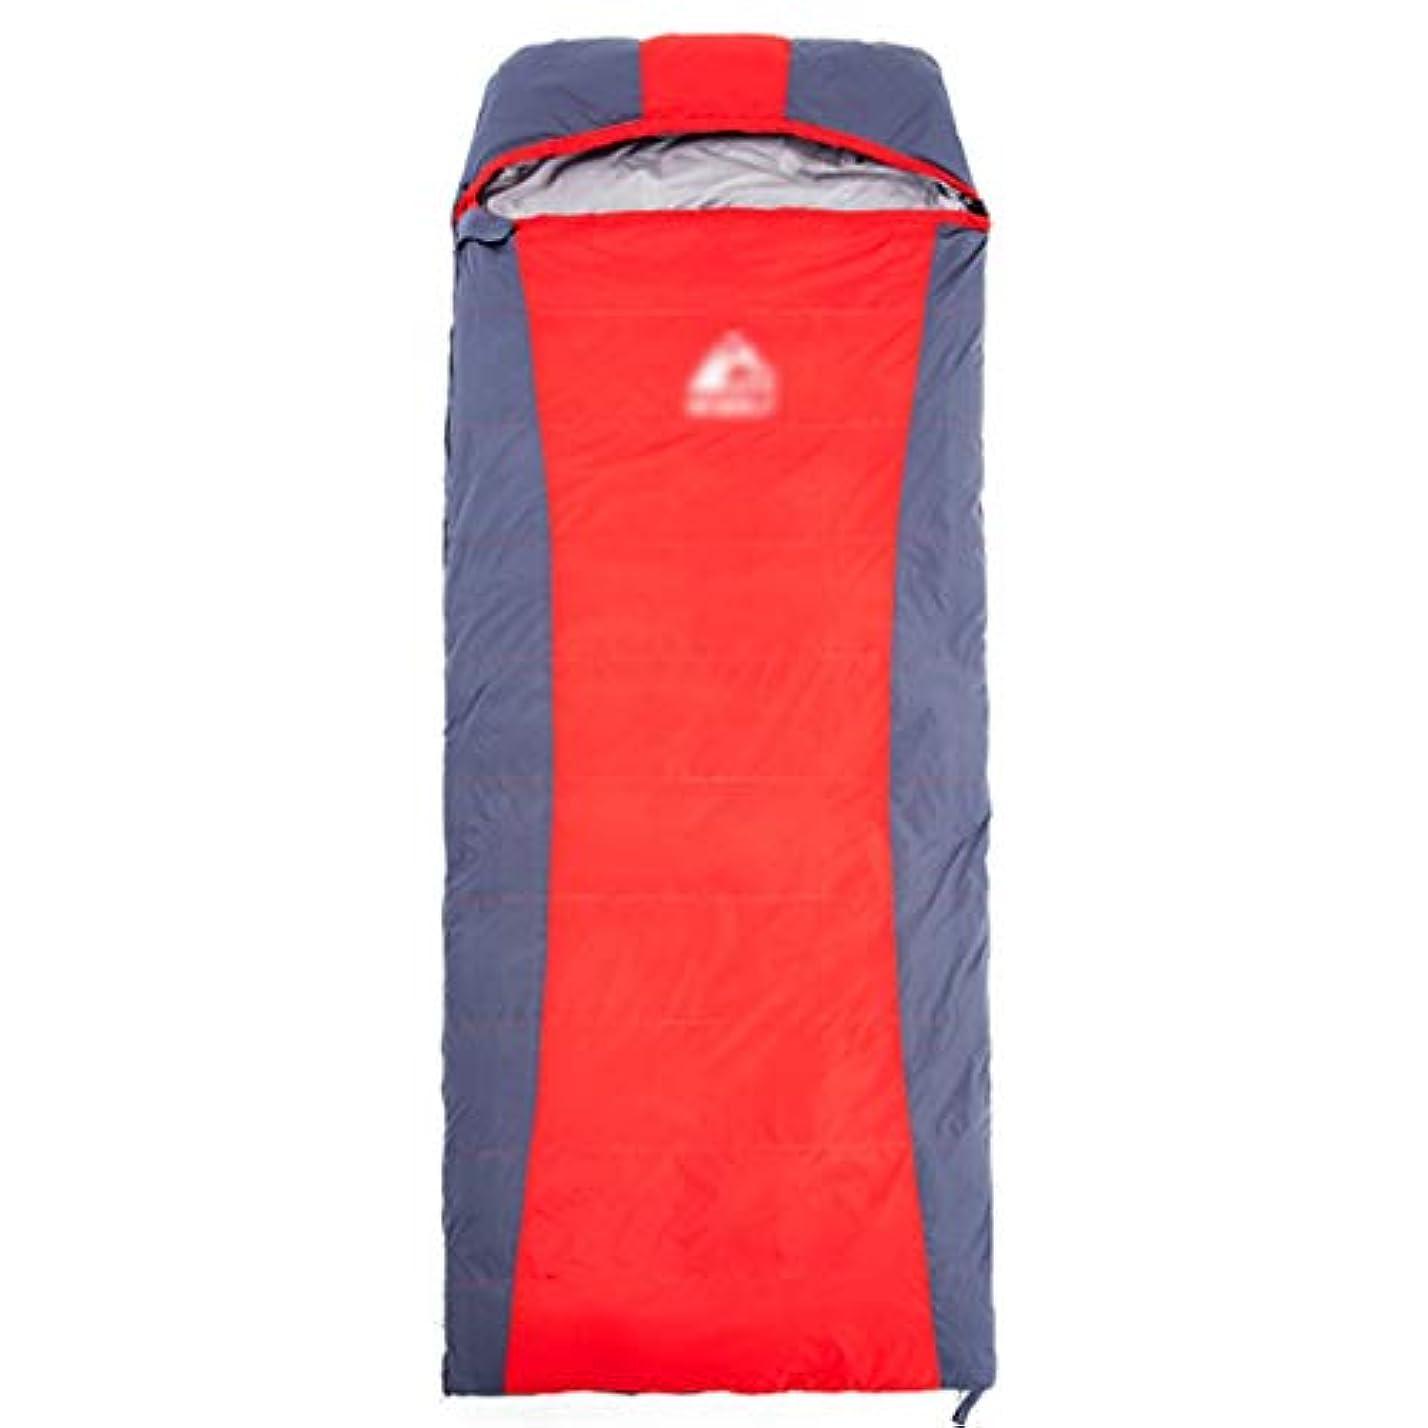 織機同化リーフレットキャンプ用寝袋キャンプ寝袋大人の寝袋屋外の秋と冬の屋内ポータブル寝袋大人の厚いスーパーライトアヒルの汚れた暖かいキャンプの寝袋 (Color : RED, Size : 210*80CM)